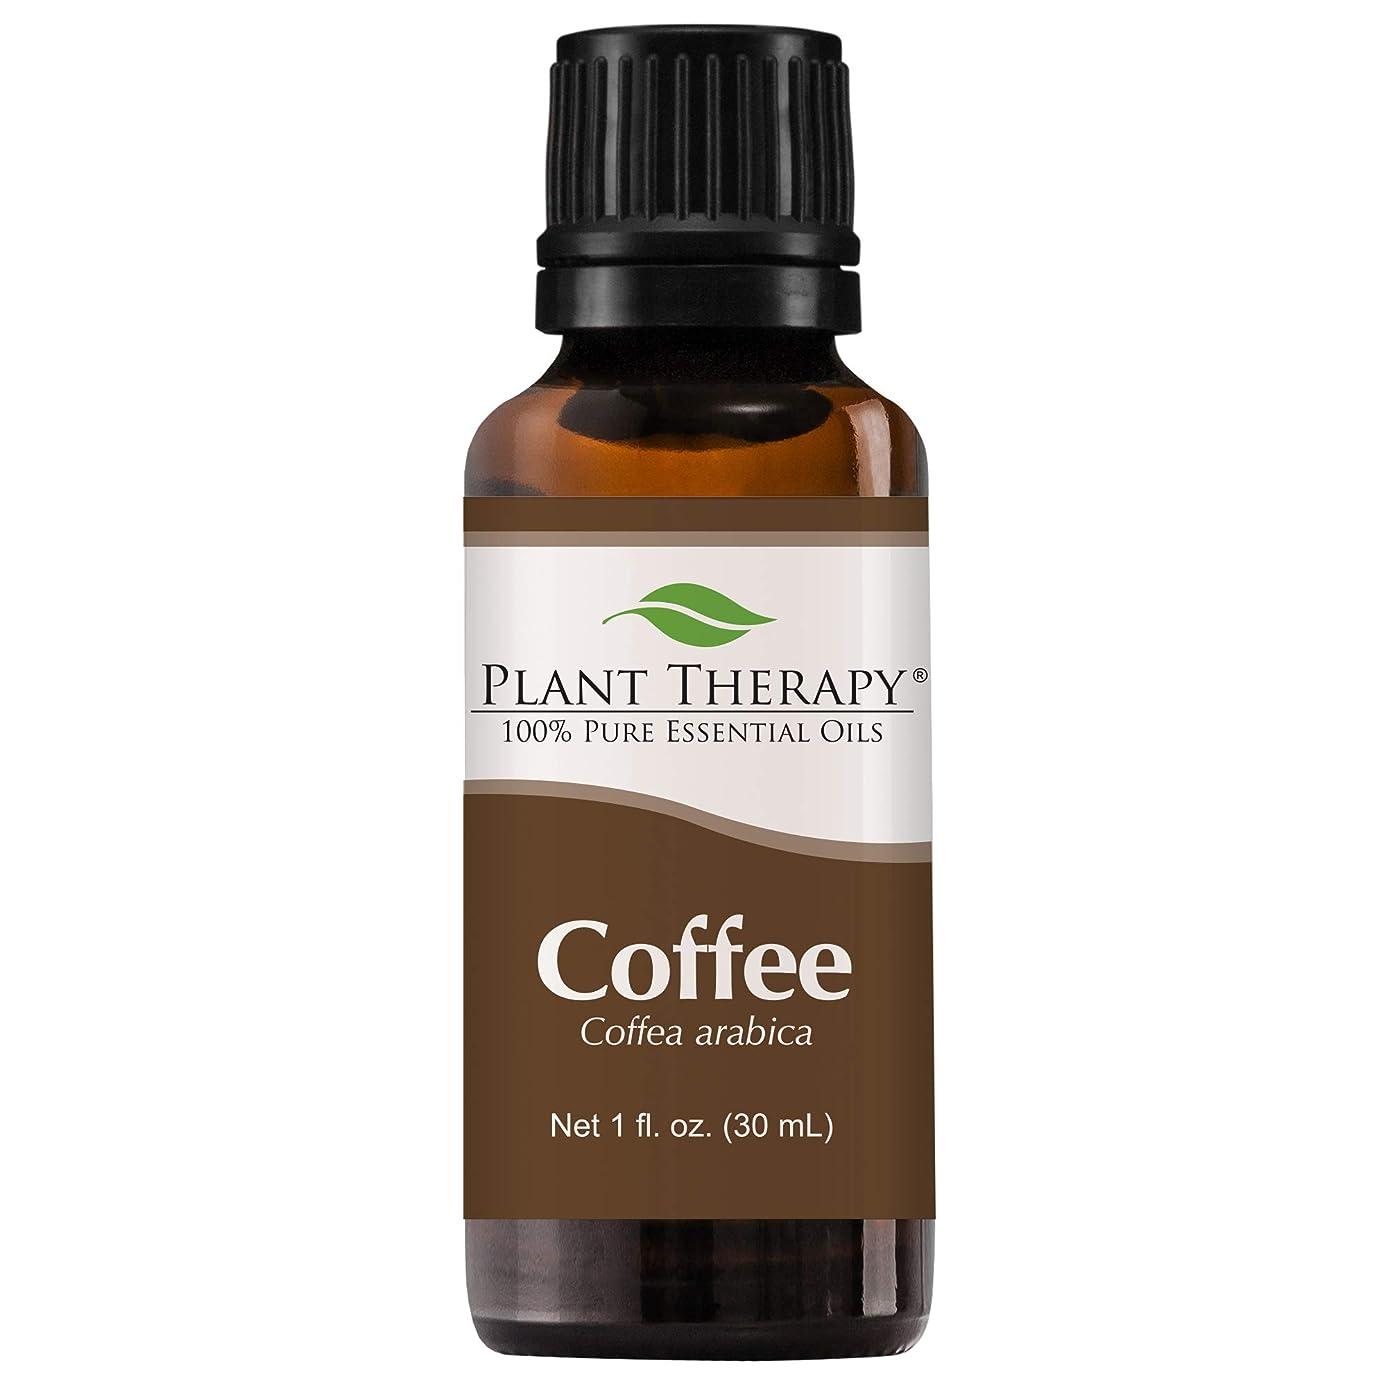 放つ強度温度Coffee Essential Oil. 30 ml (1 oz). 100% Pure, Undiluted, Therapeutic Grade. by Plant Therapy Essential Oils